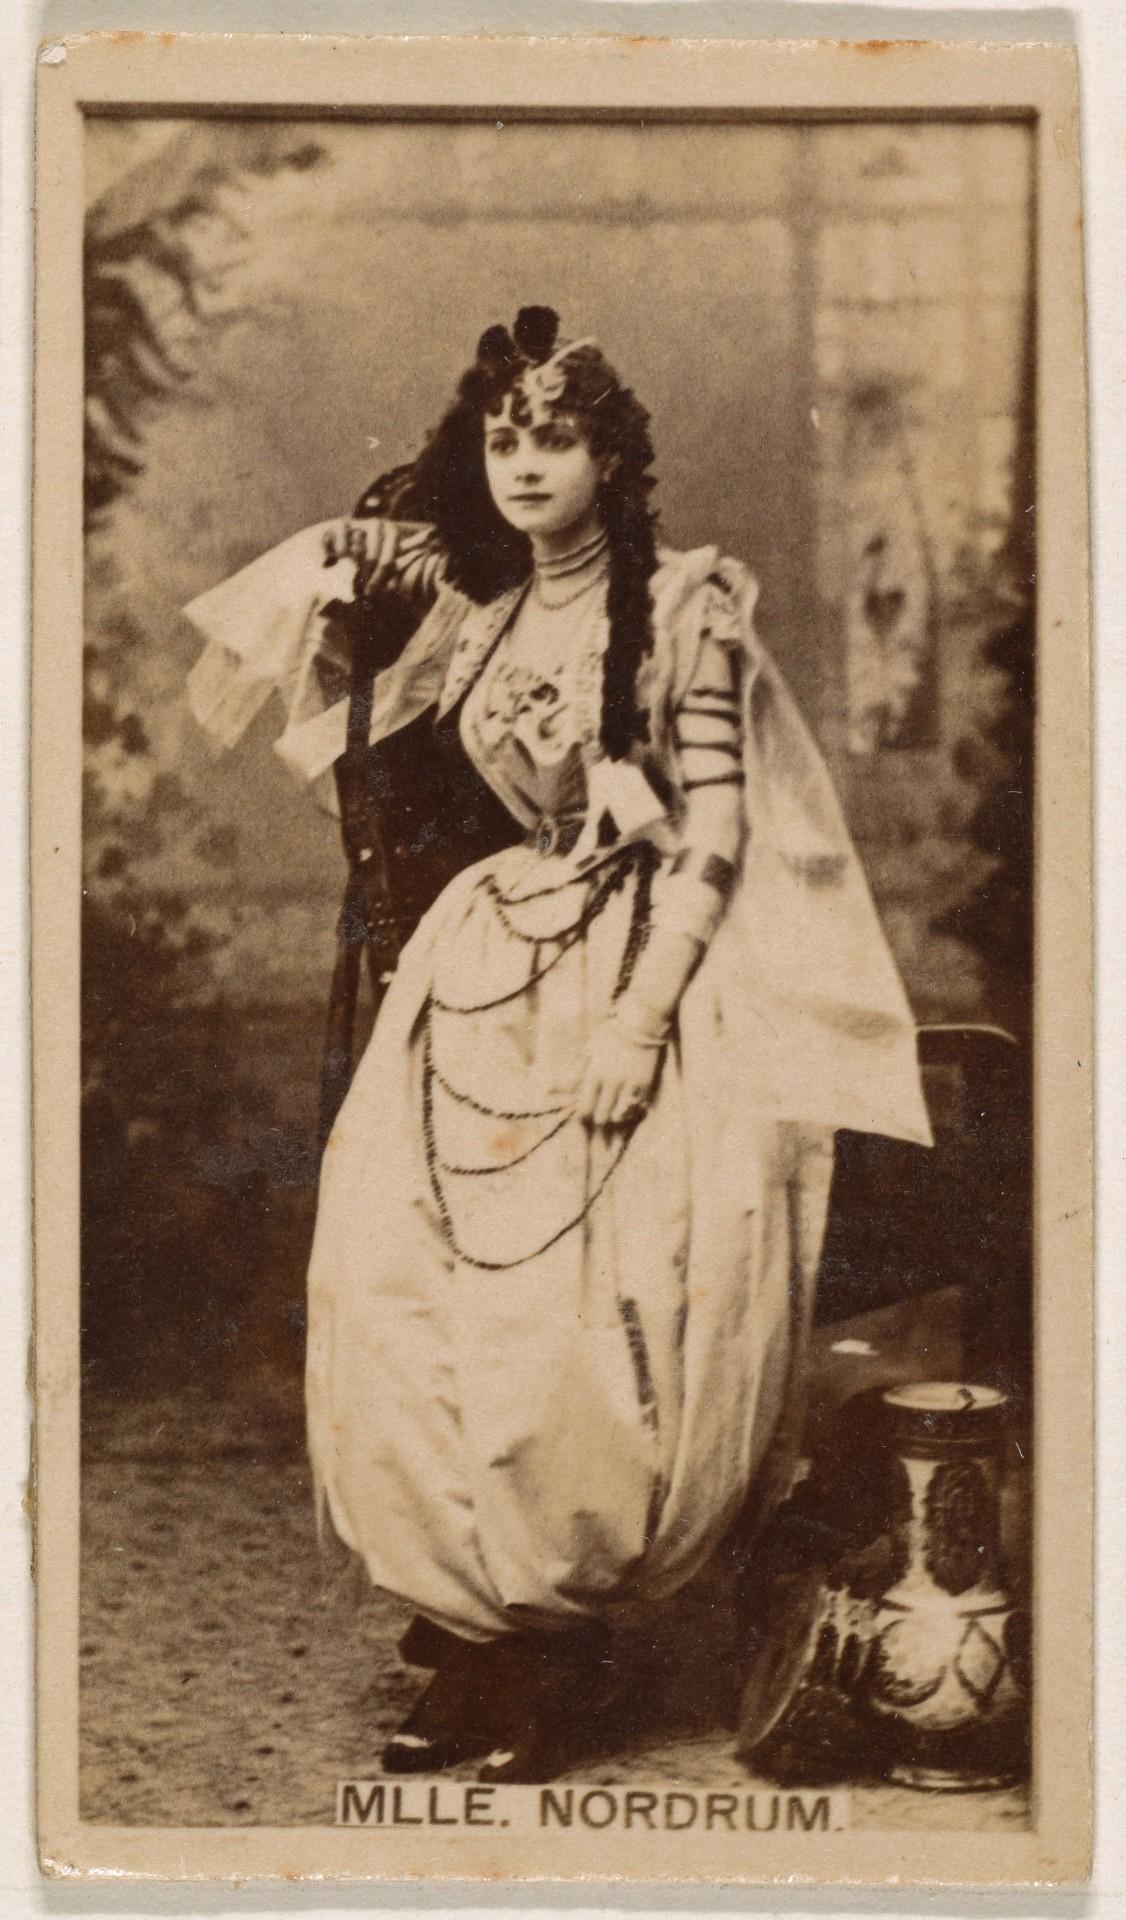 Мадемуазель Нордрум, торговая карточка из серии «Актрисы», выпущенной компанией «Братья Кинни» для рекламы сигарет, 1890